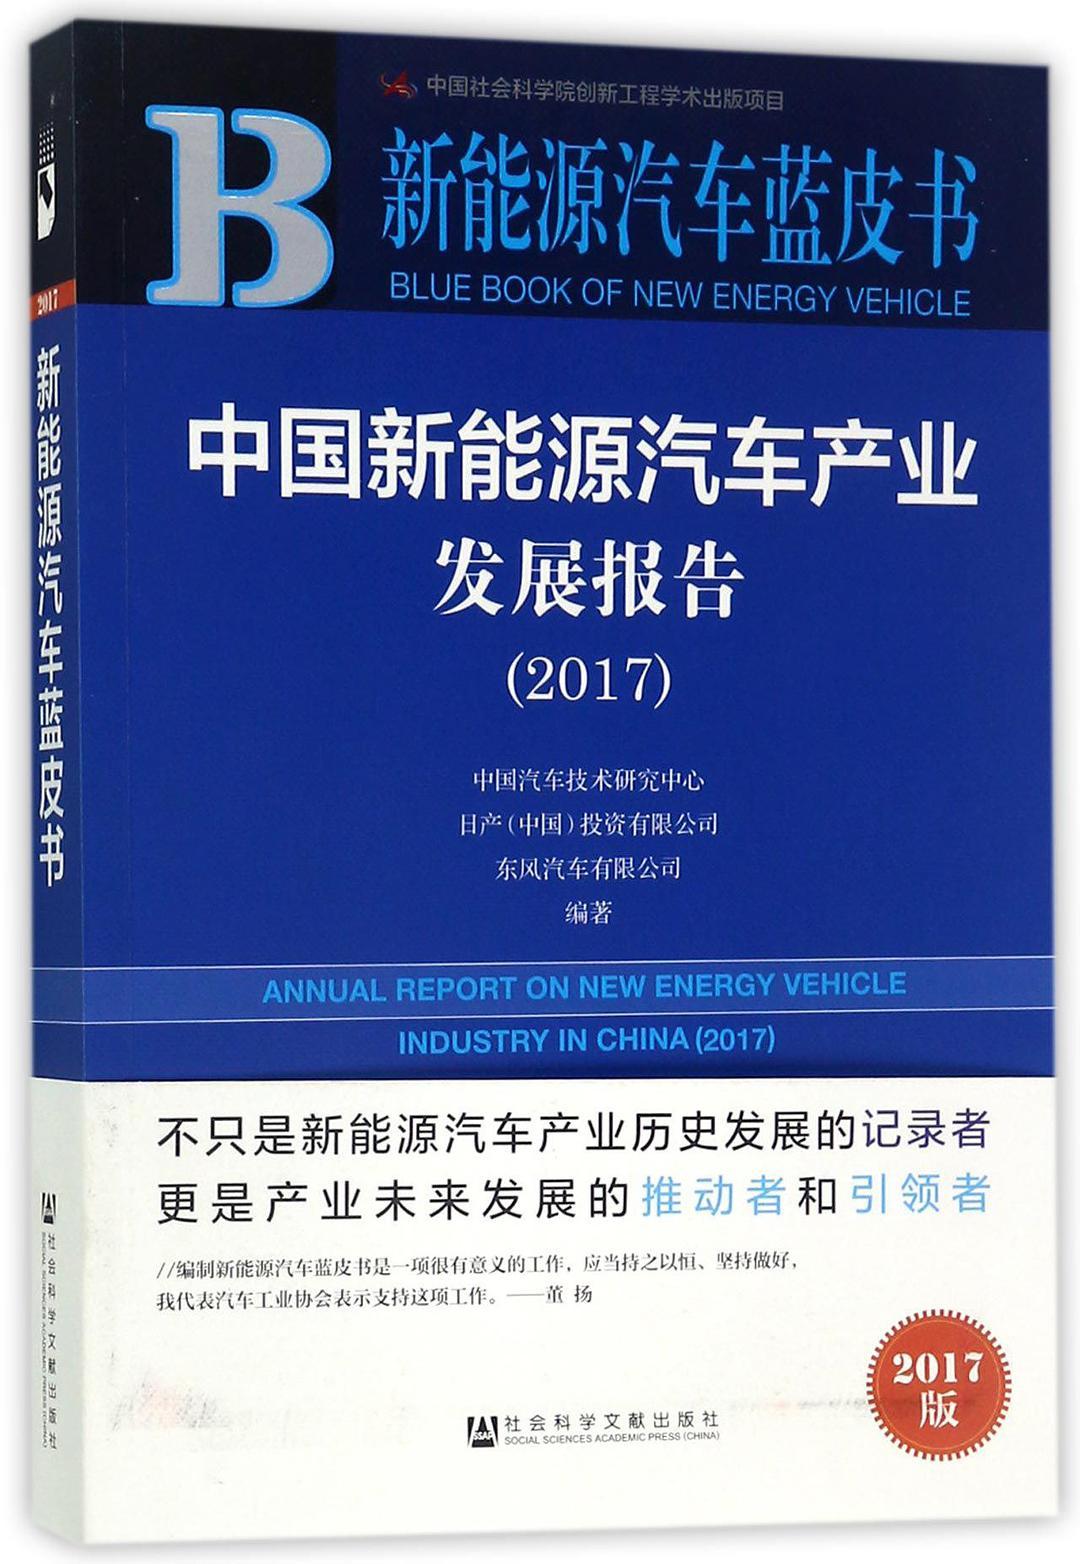 中國新能源汽車産業發展報告(2017)/新能源汽車藍皮書